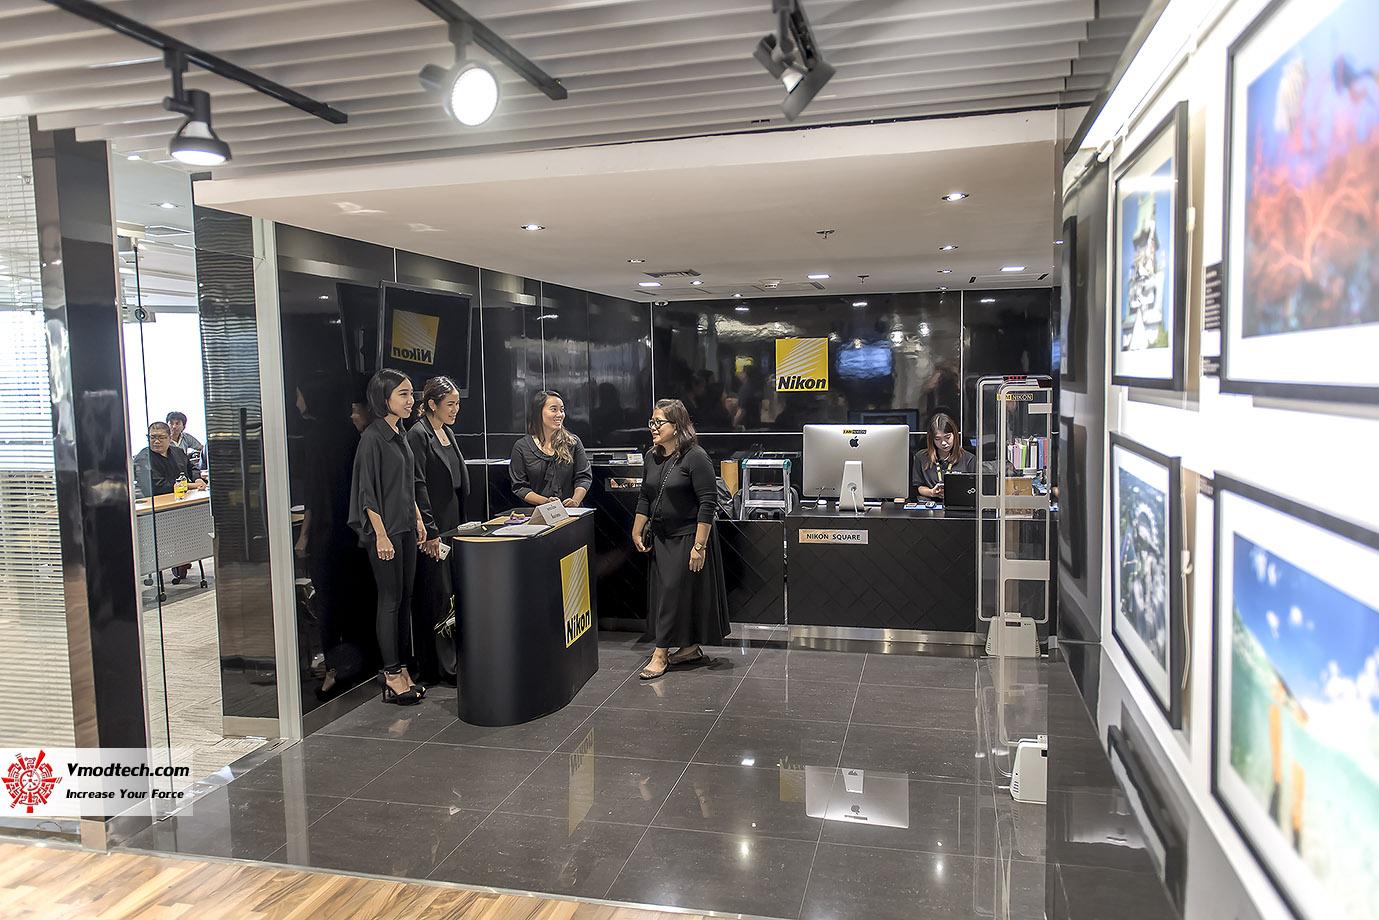 dsc 6618 ภาพบรรยากาศงานเปิดตัว Nikon Square ในประเทศไทย